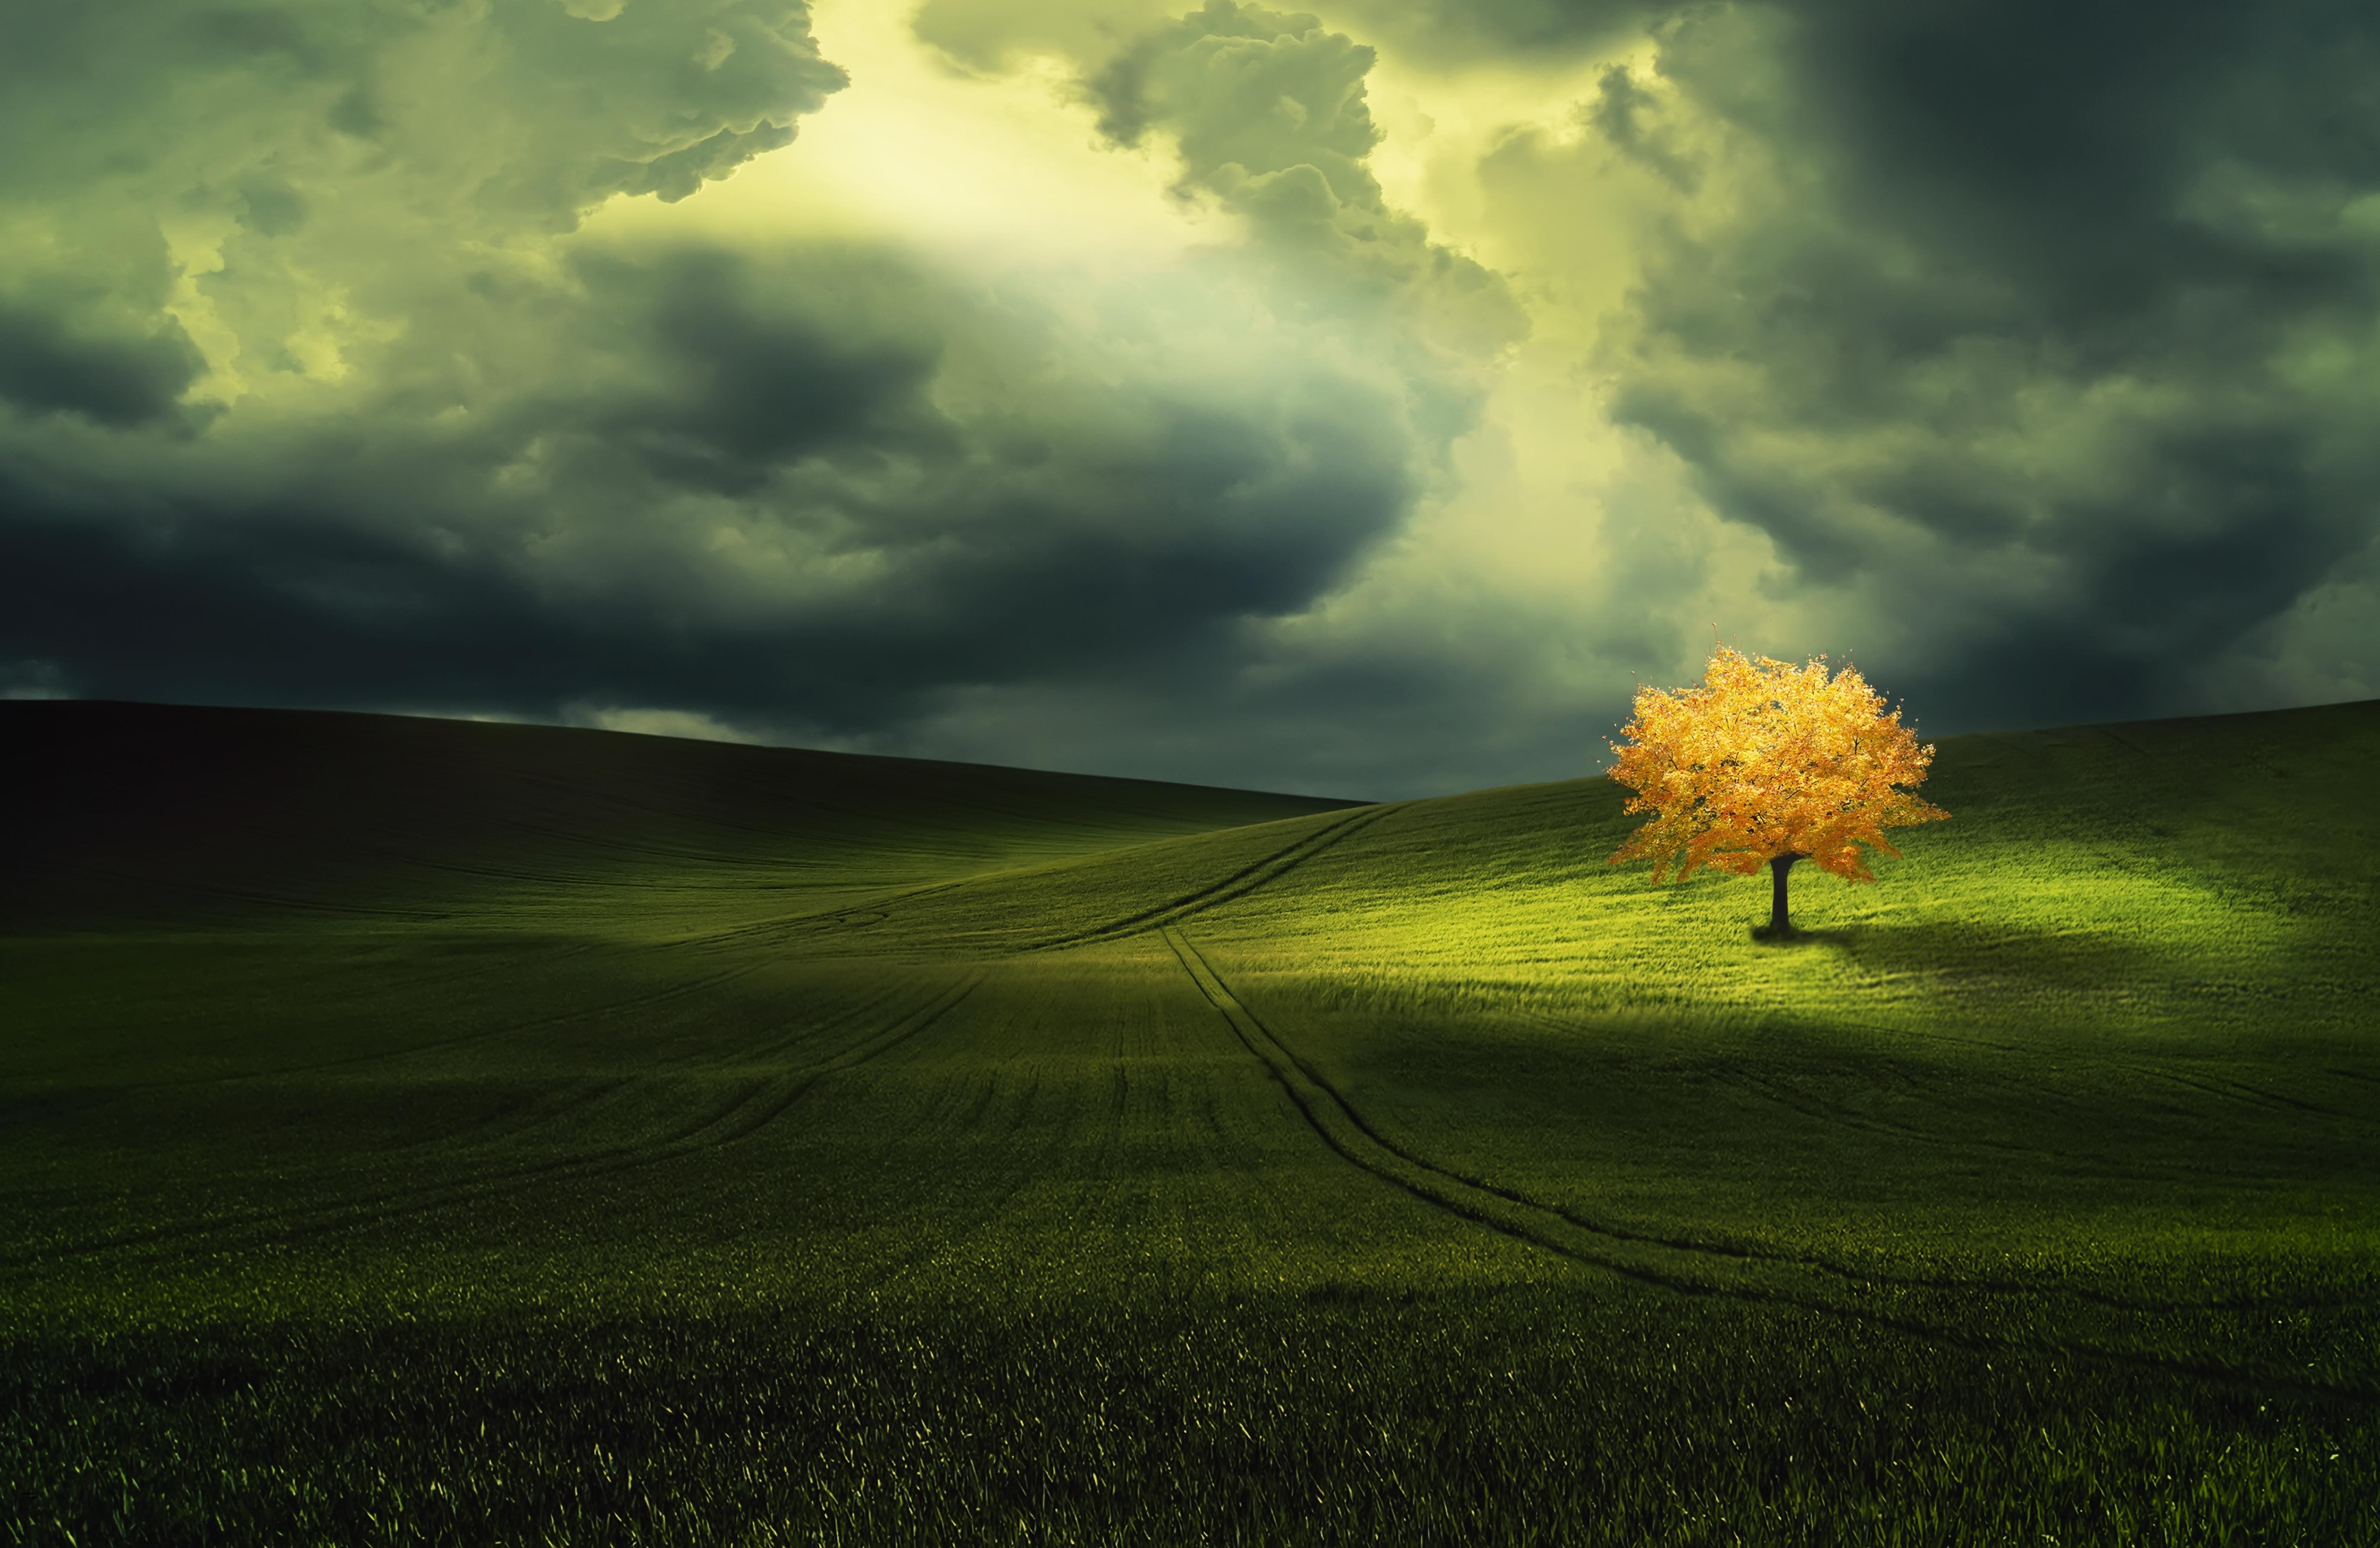 метеорит поле дерево дети  № 1801974 загрузить